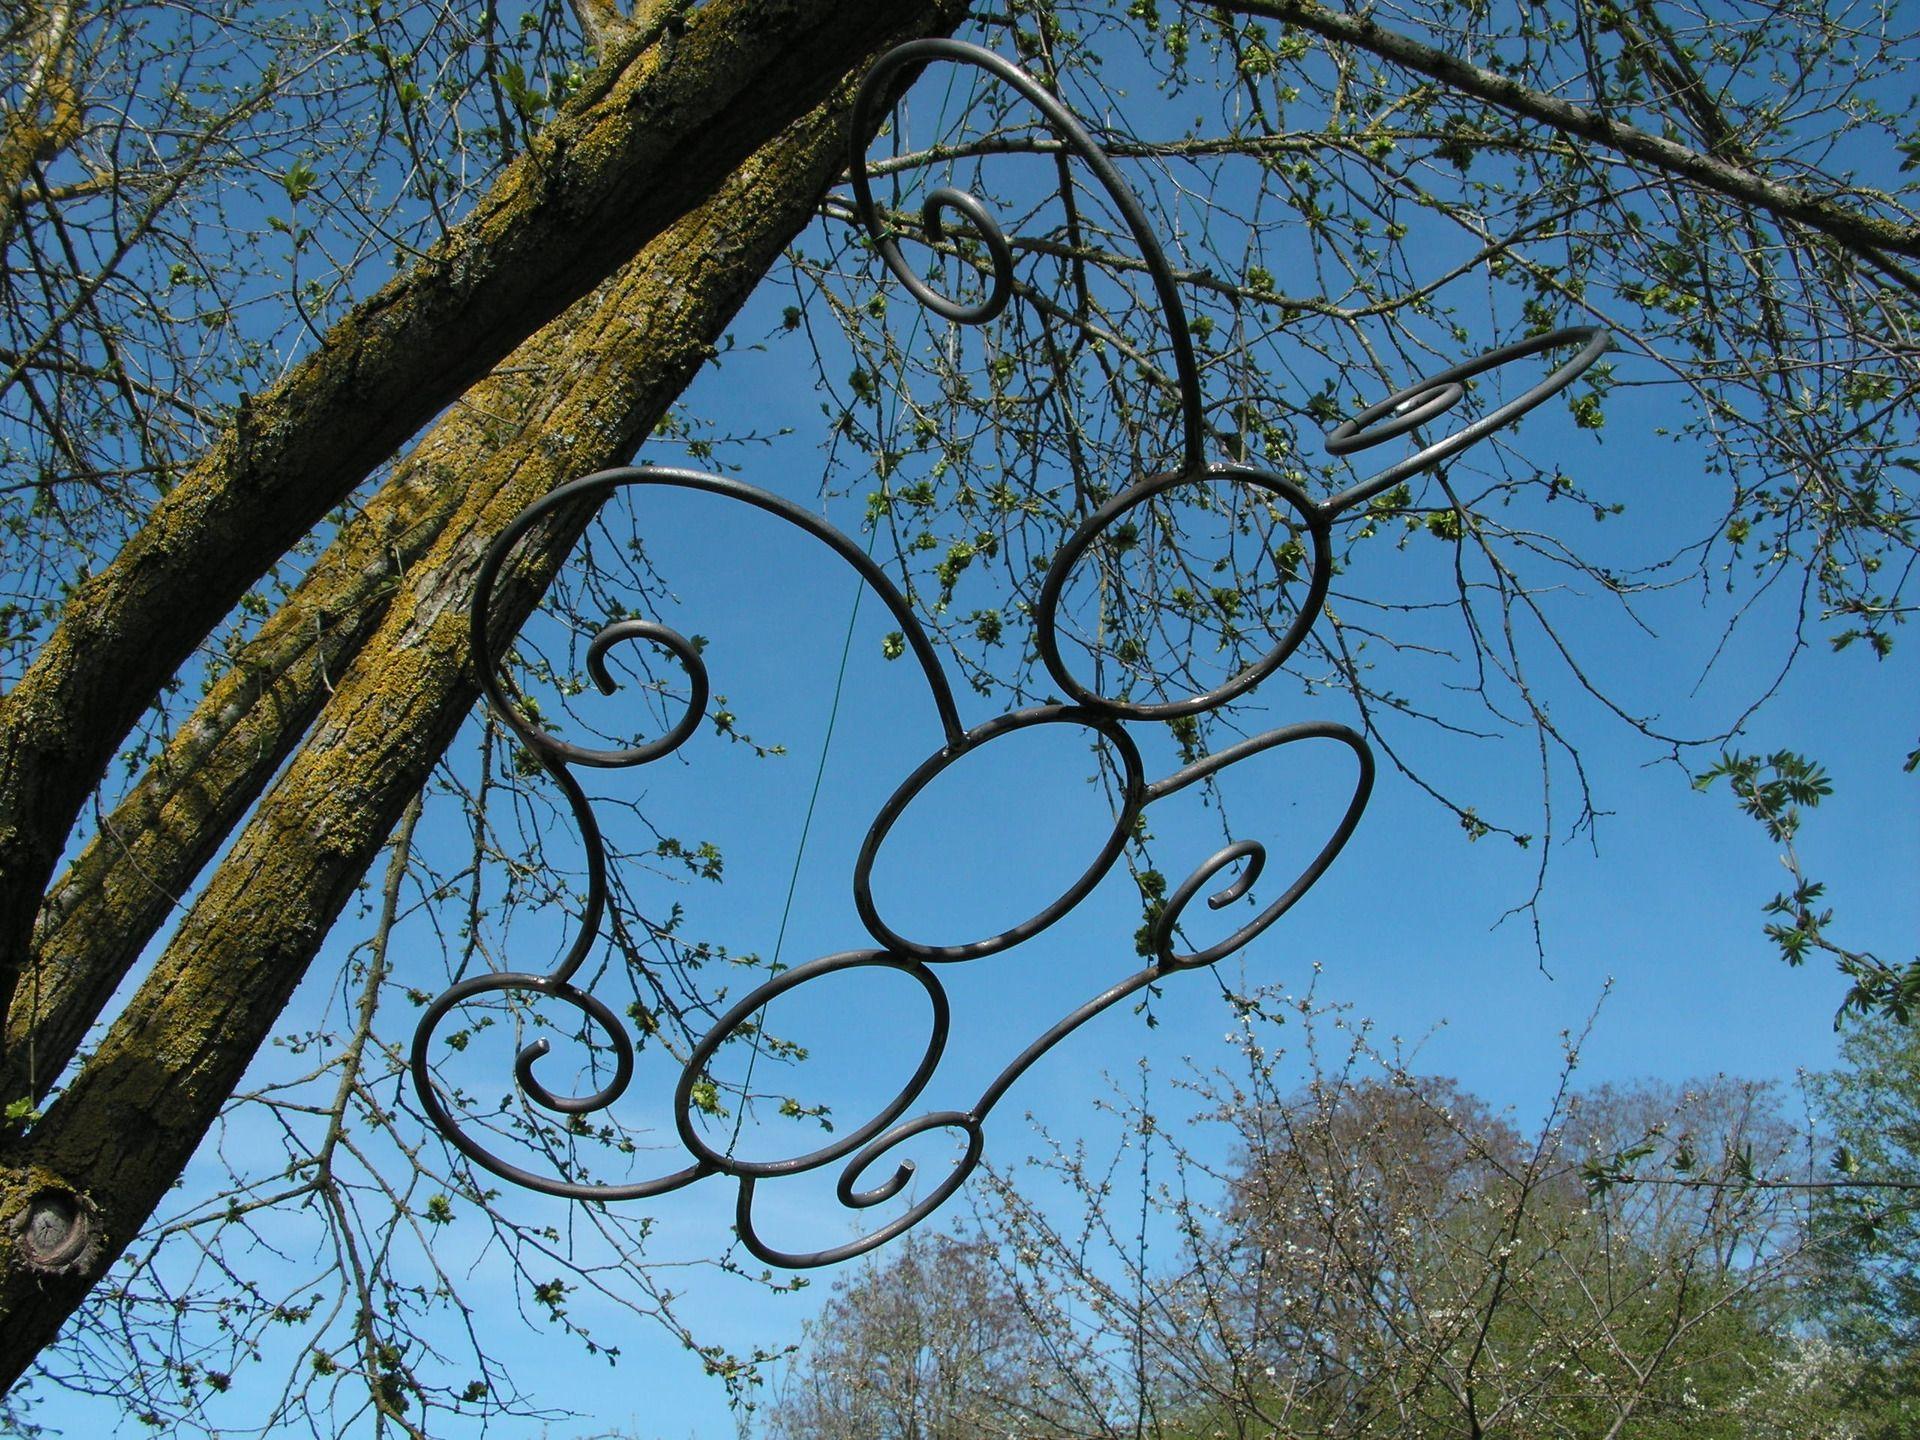 Papillon En Fer Forgé Brut Pour Décoration De Jardin Ou avec Décoration Jardin Fer Forgé